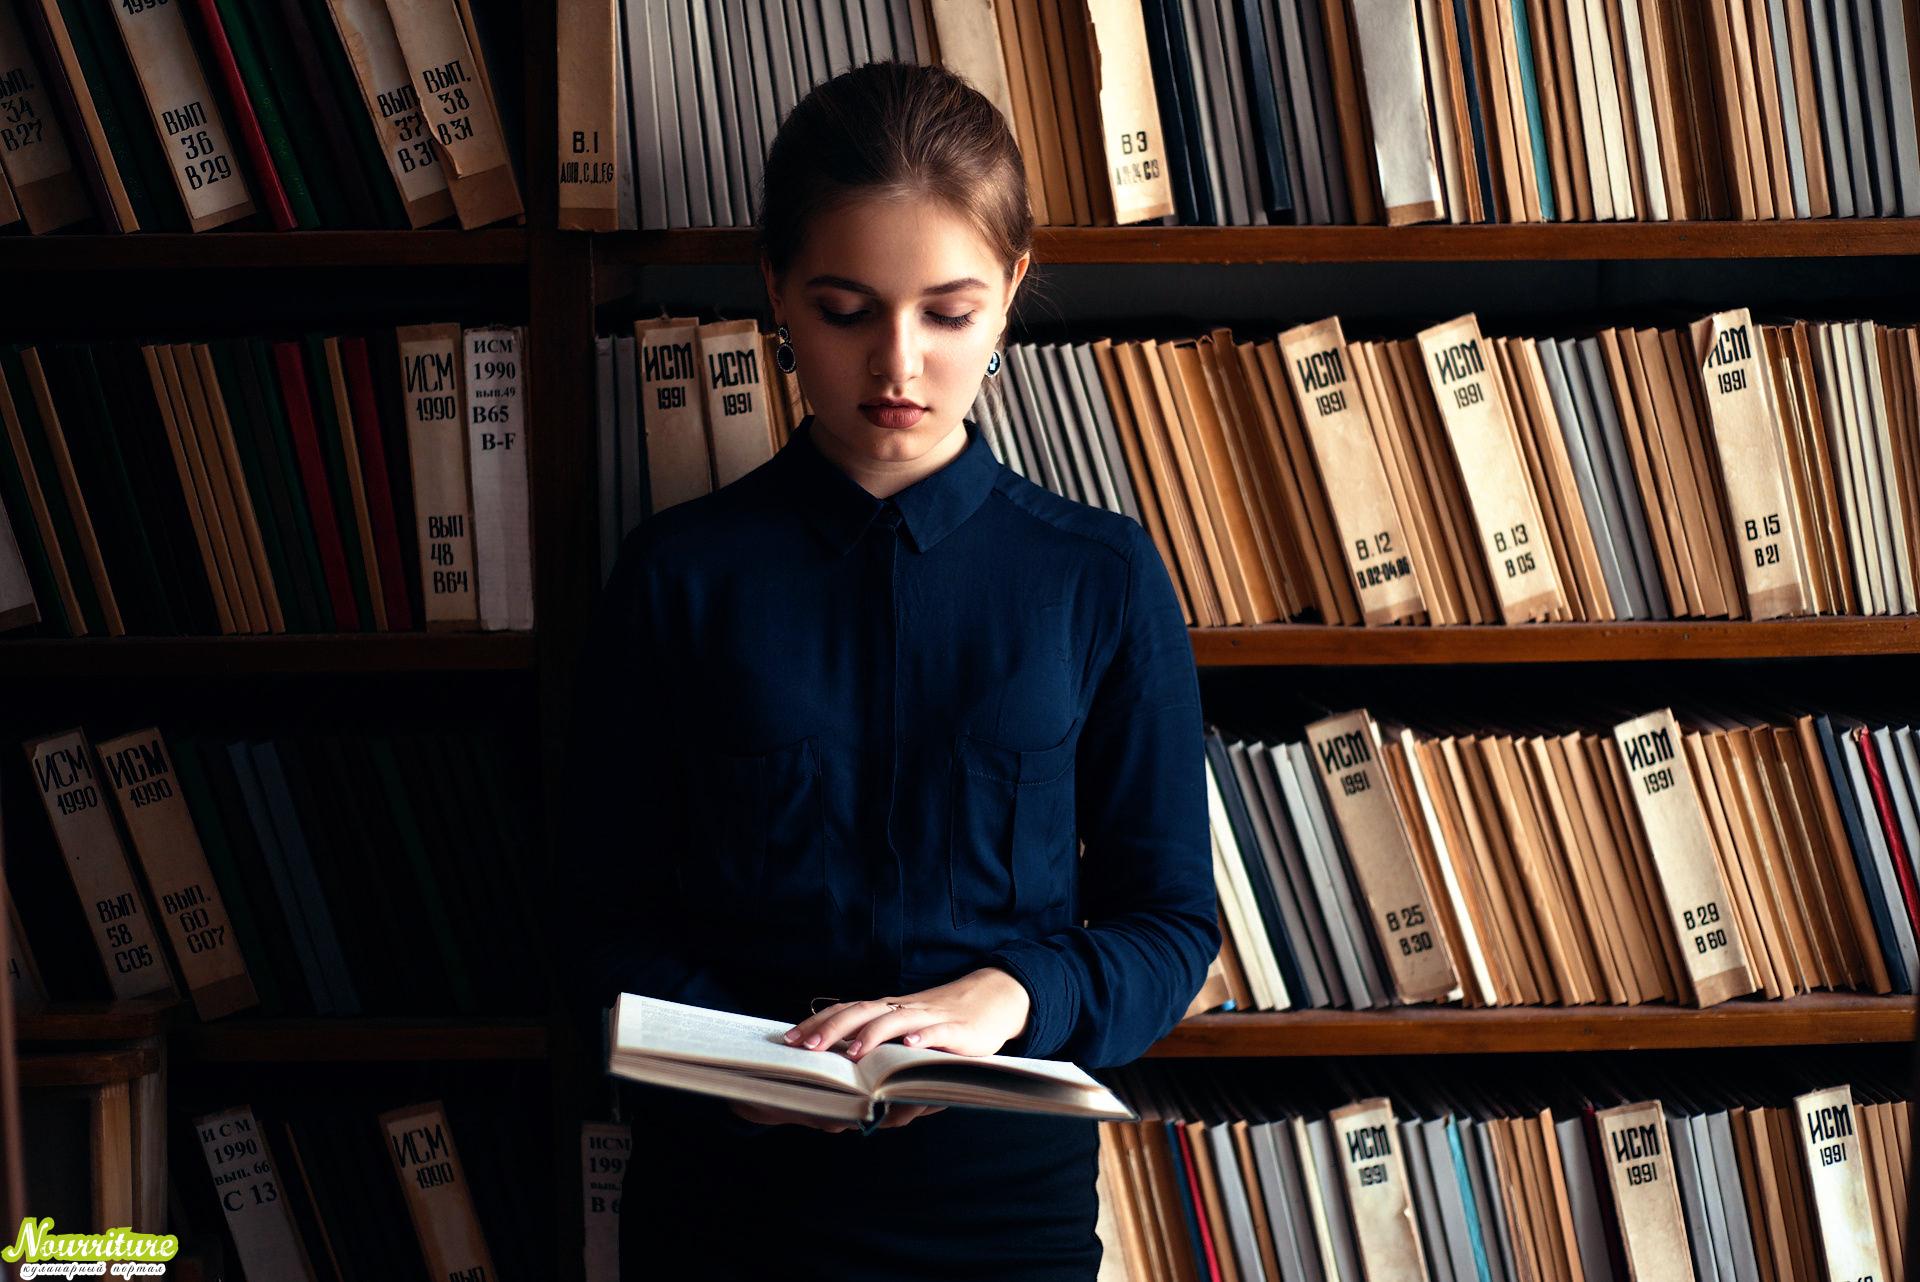 Полезно ли читать книги и как влияет чтение на наше здоровье?